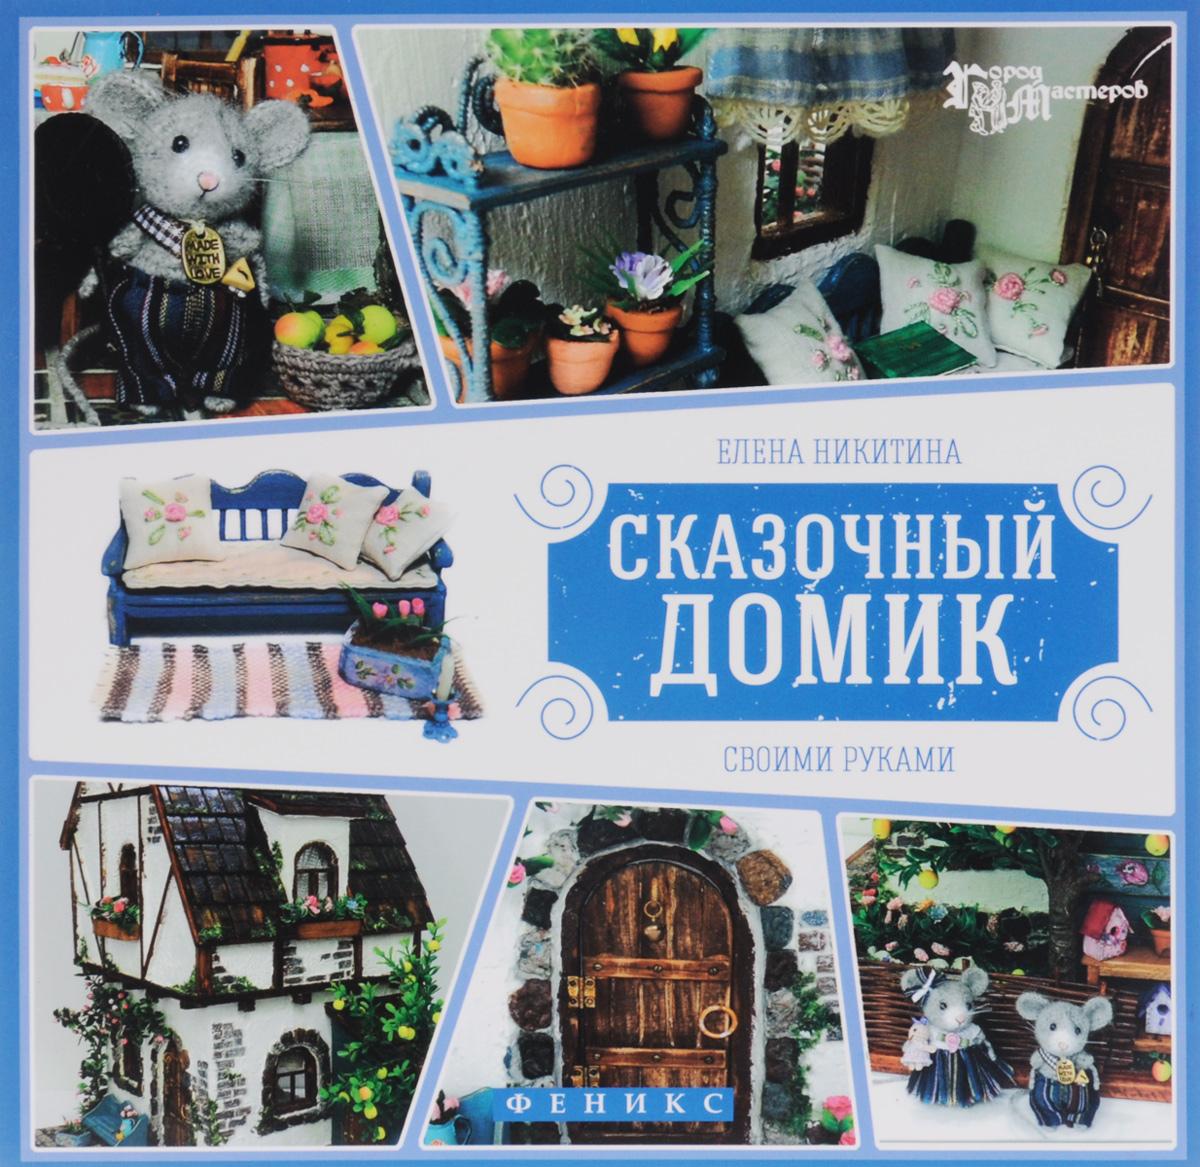 Елена Никитина Сказочный домик своими руками сантехнические работы своими руками уроки домашнего мастера cd с видеокурсом